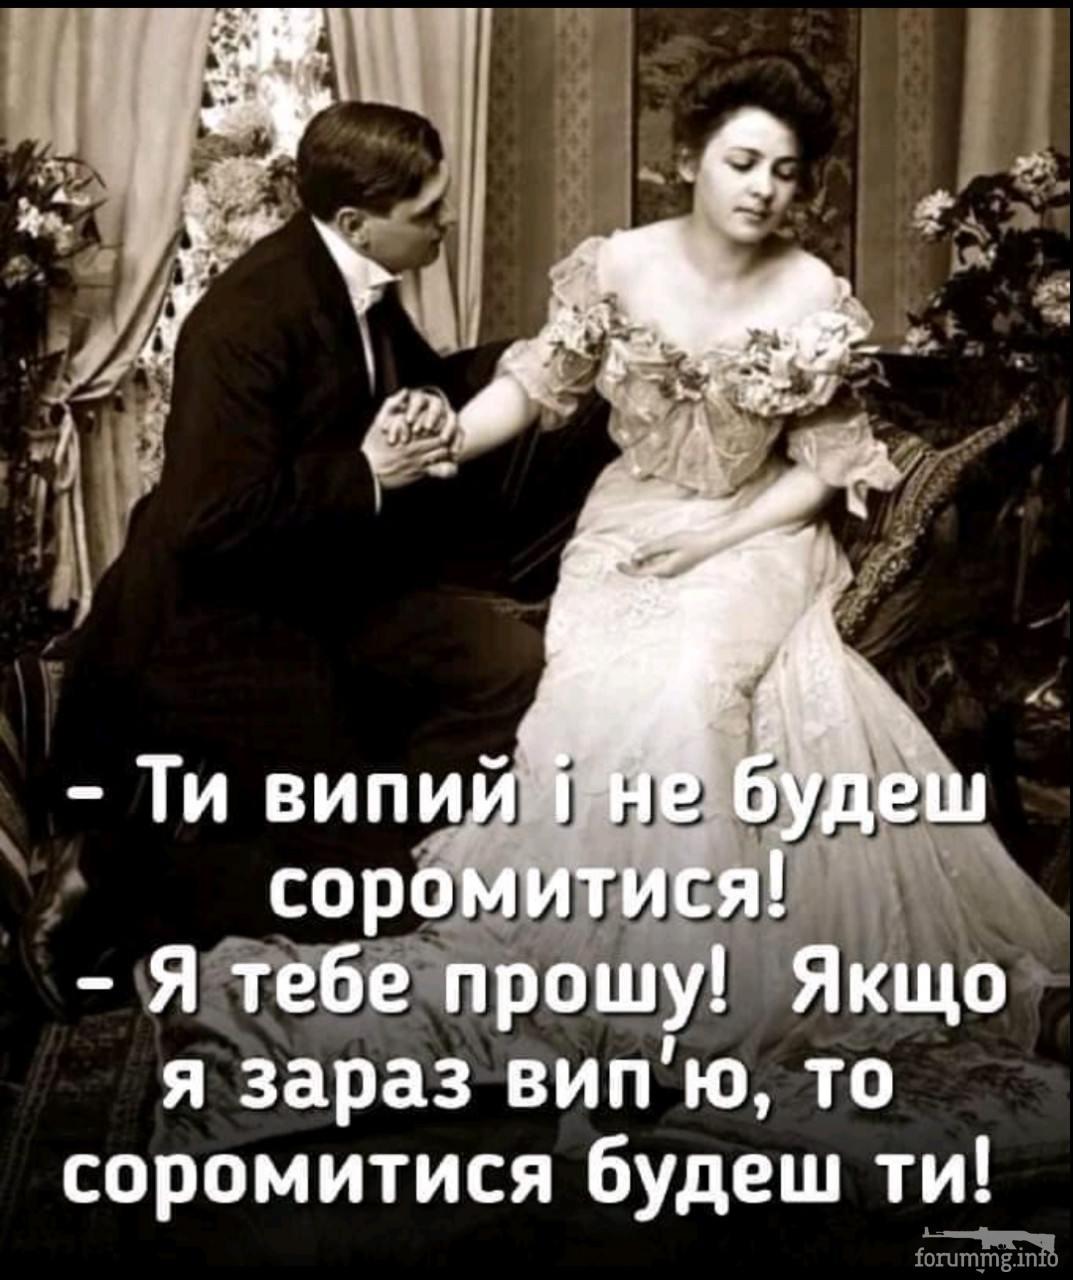 139779 - Пить или не пить? - пятничная алкогольная тема )))